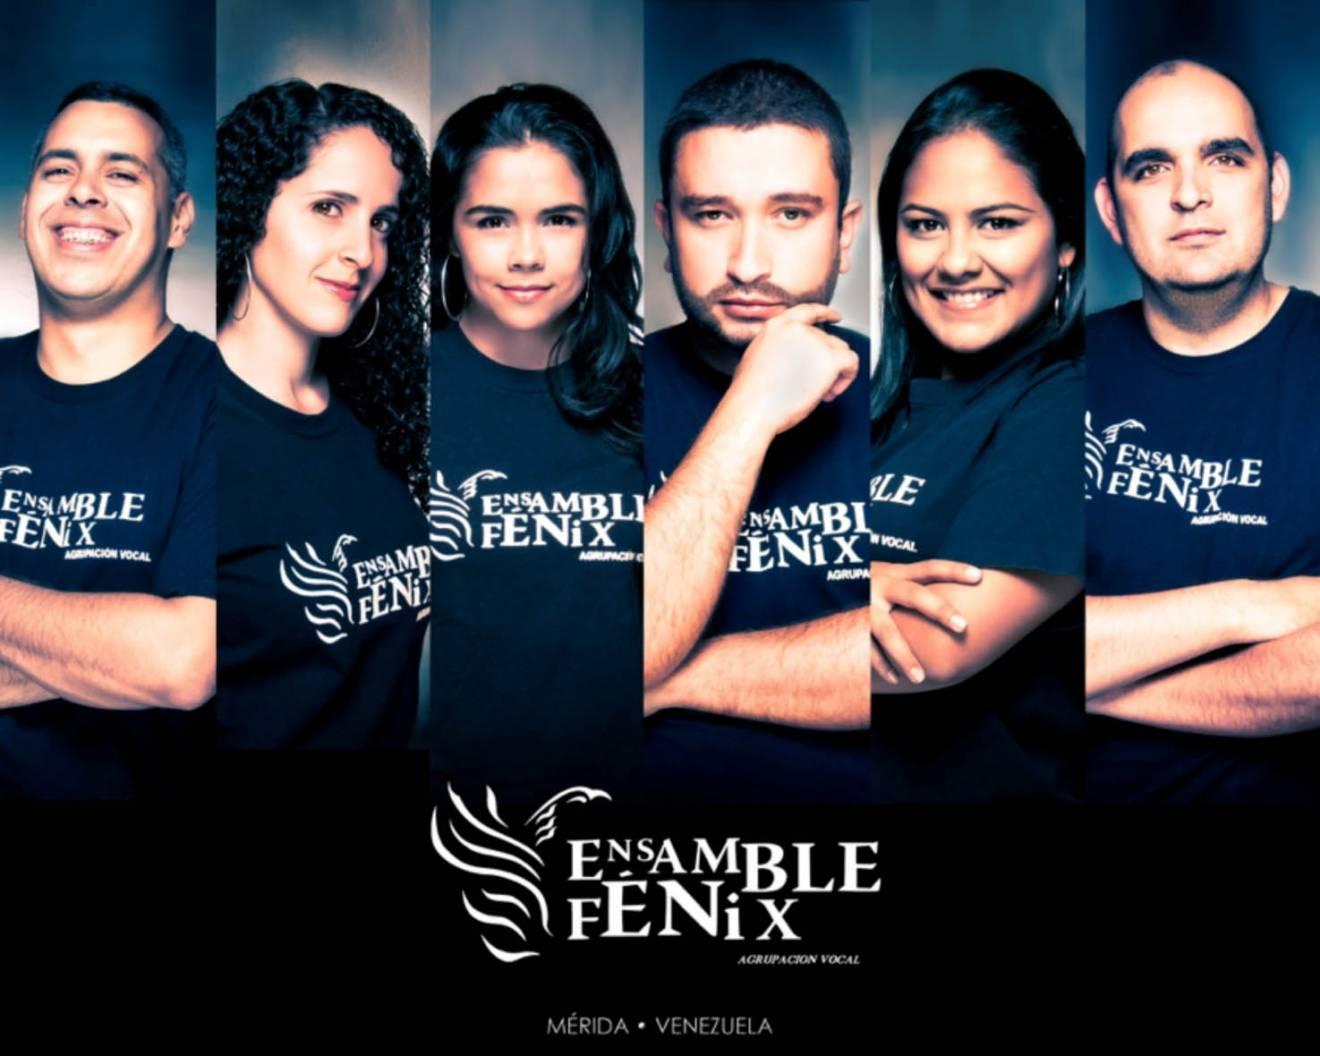 Ensamble Fénix viajará a los Estados Unidos, llevando sus voces, ritmos y armonías